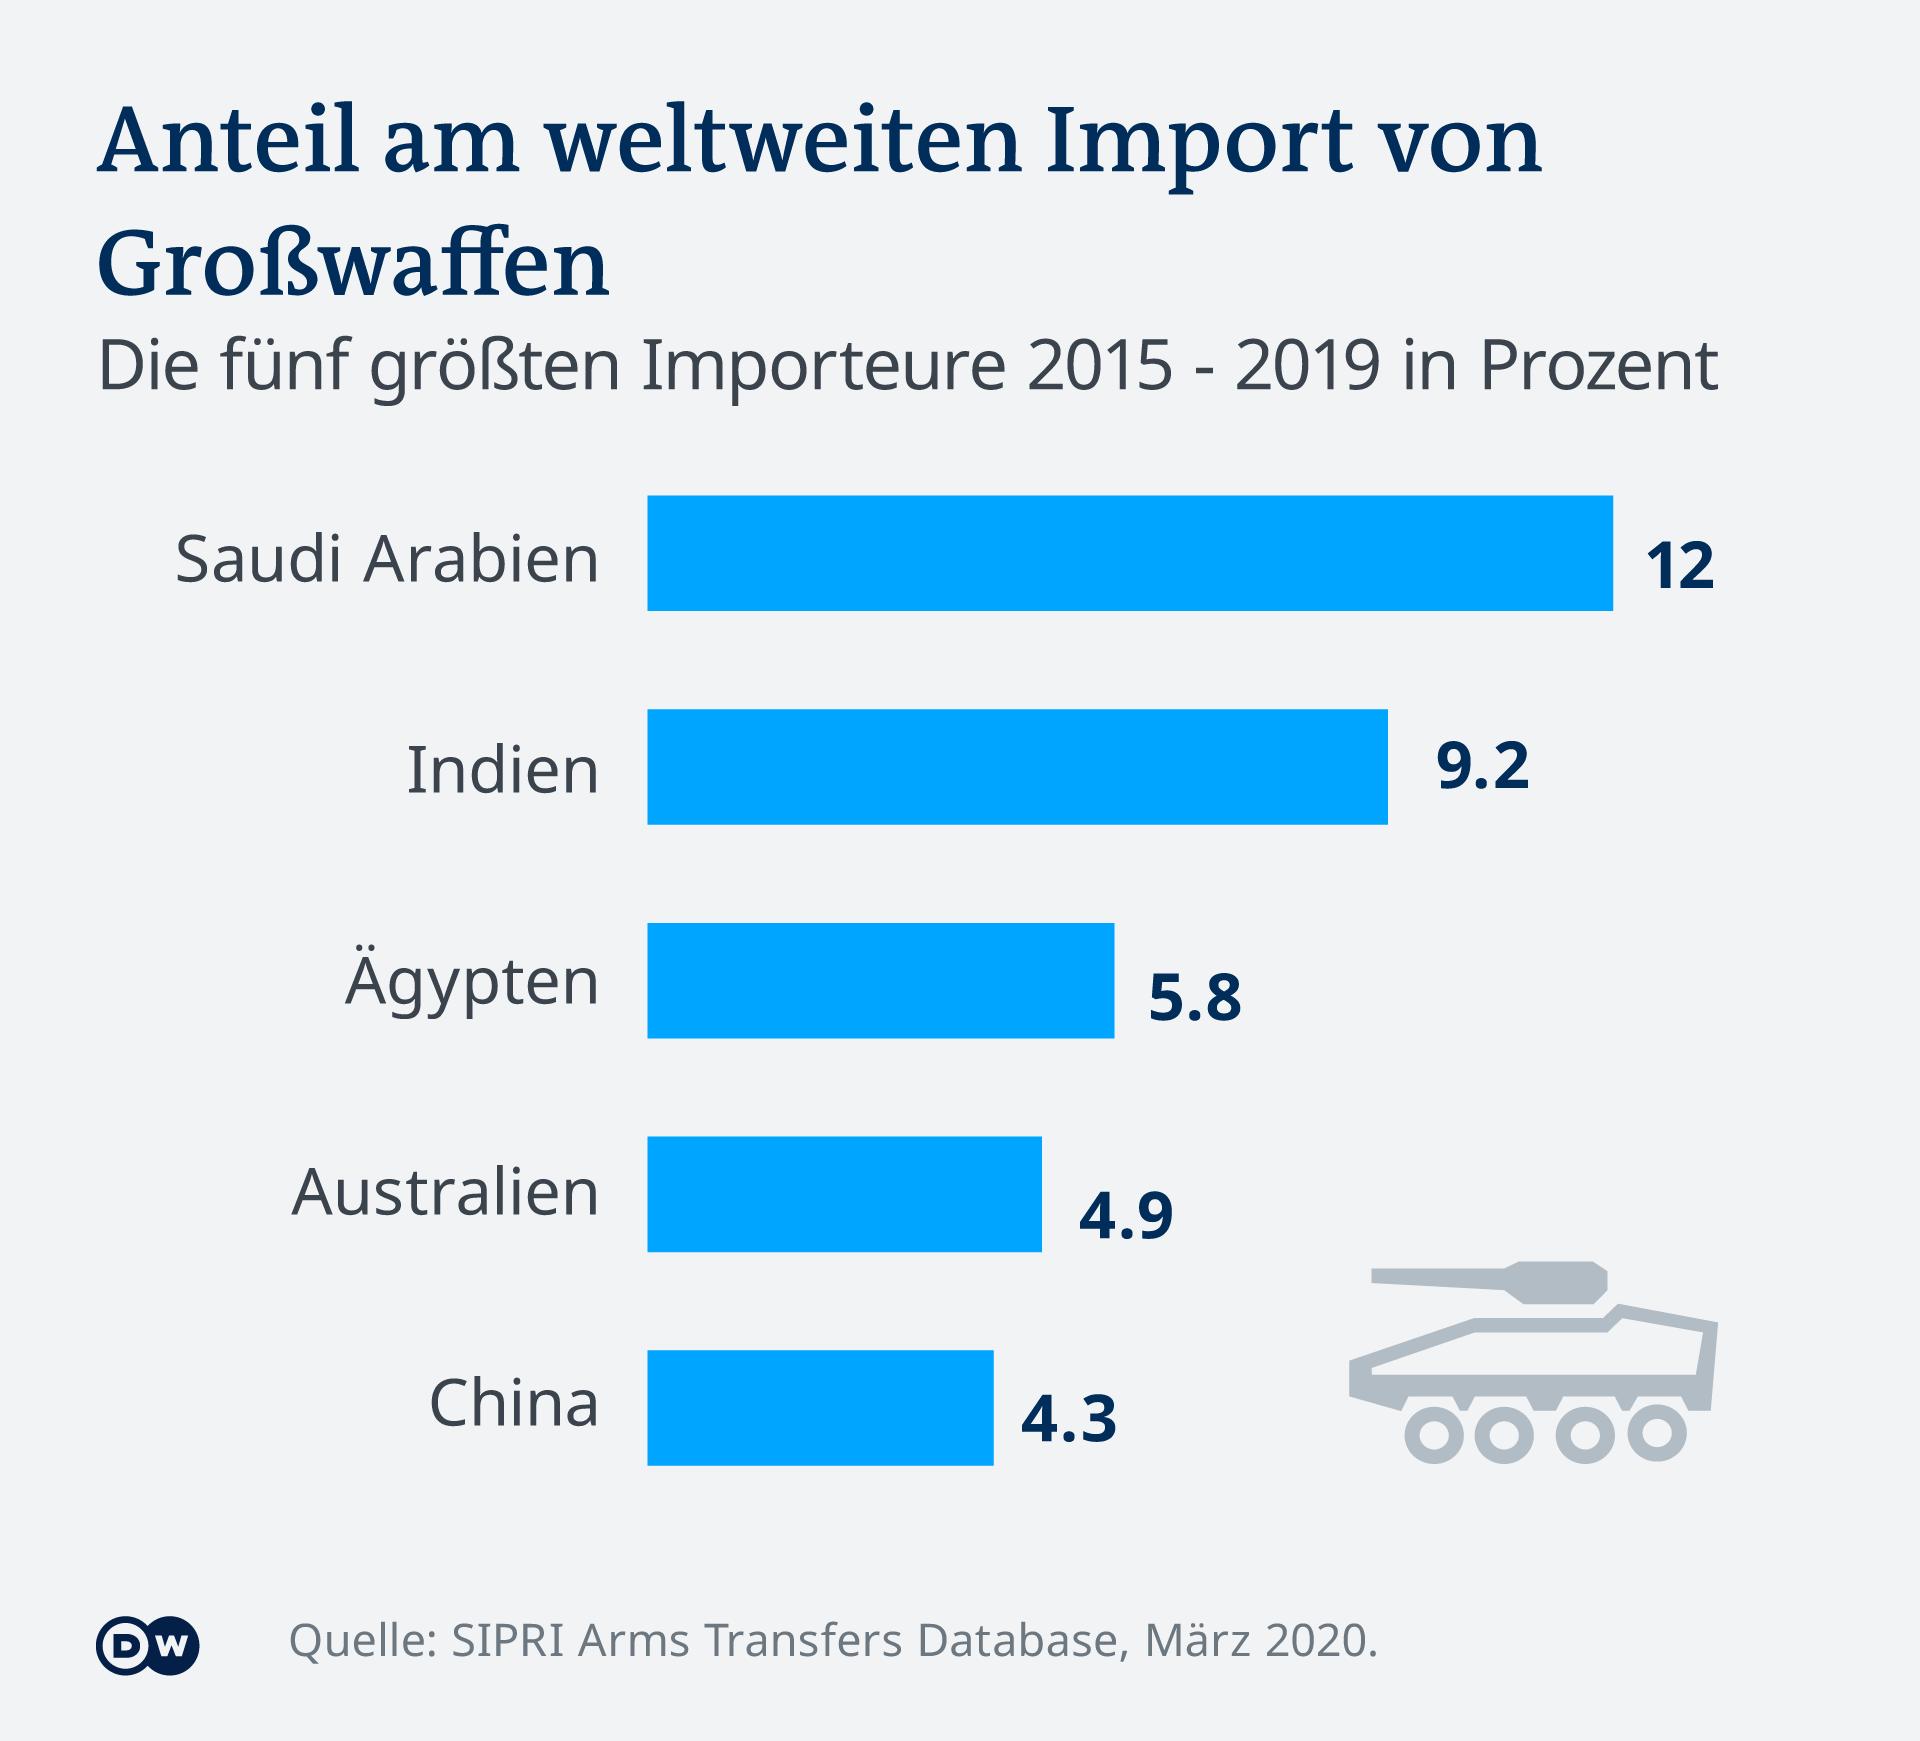 Infografik Anteil am weltweiten Import von Großwaffen SIPRI 2019 DE